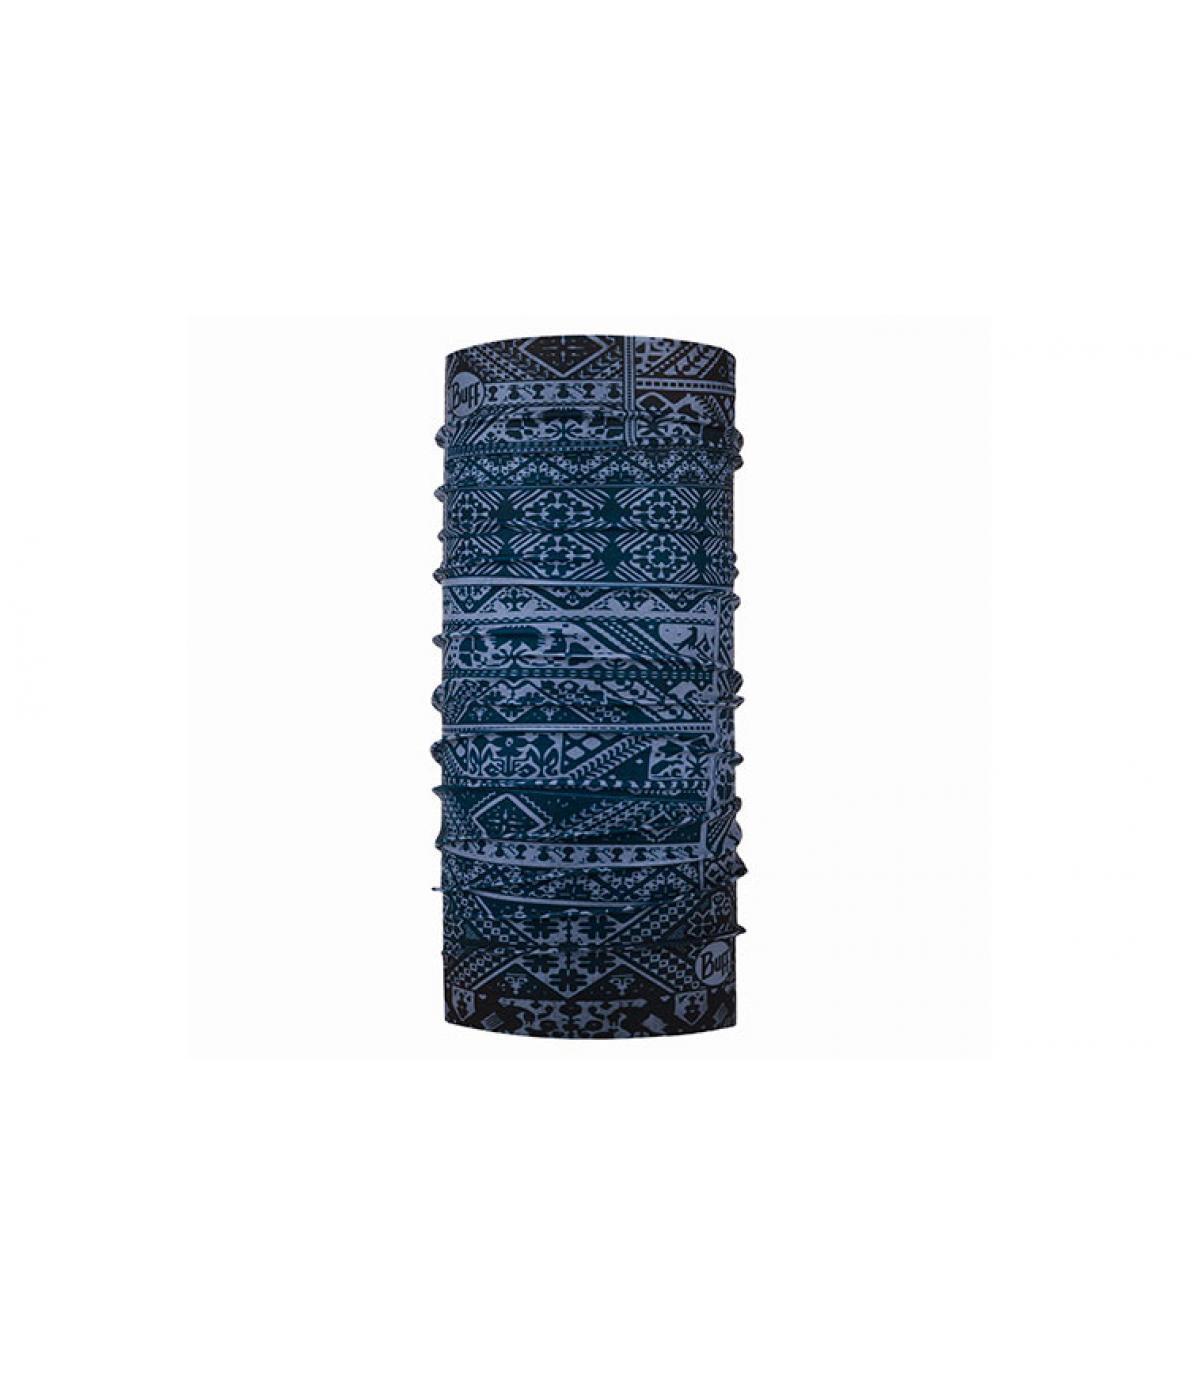 Buff motif bleu